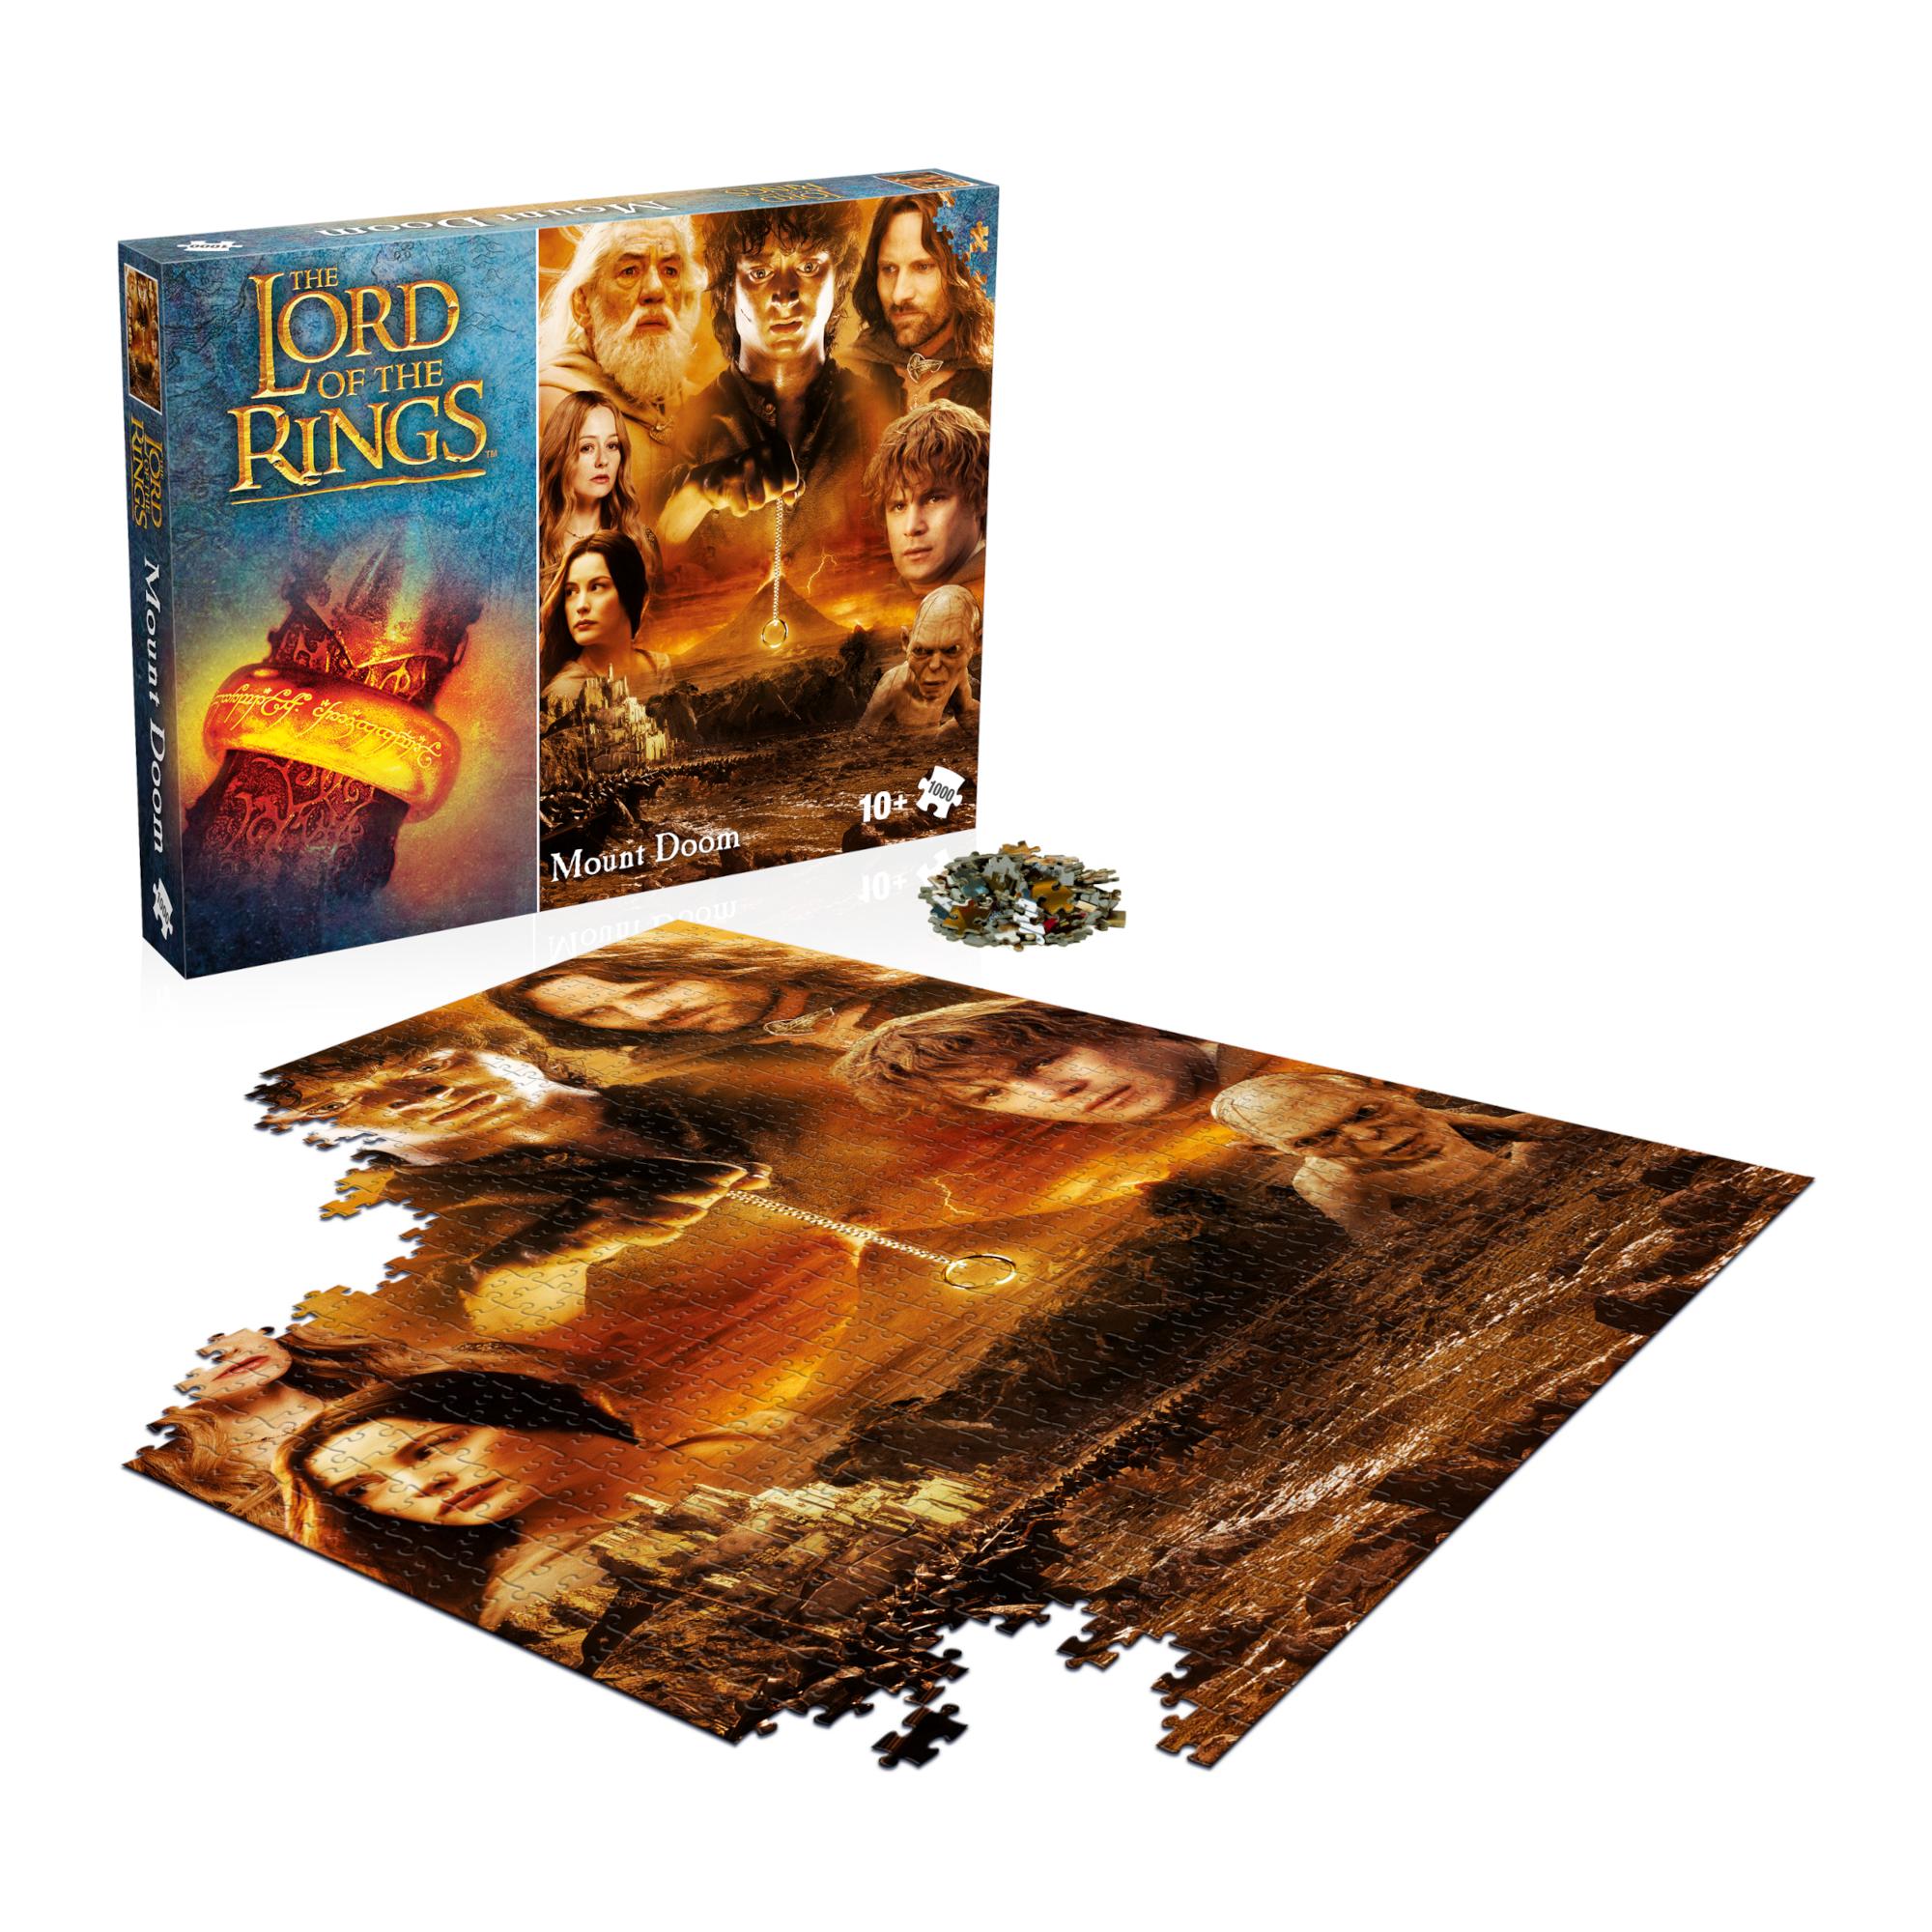 Herr der Ringe -  Puzzle Mount Doom - 1000 Teile